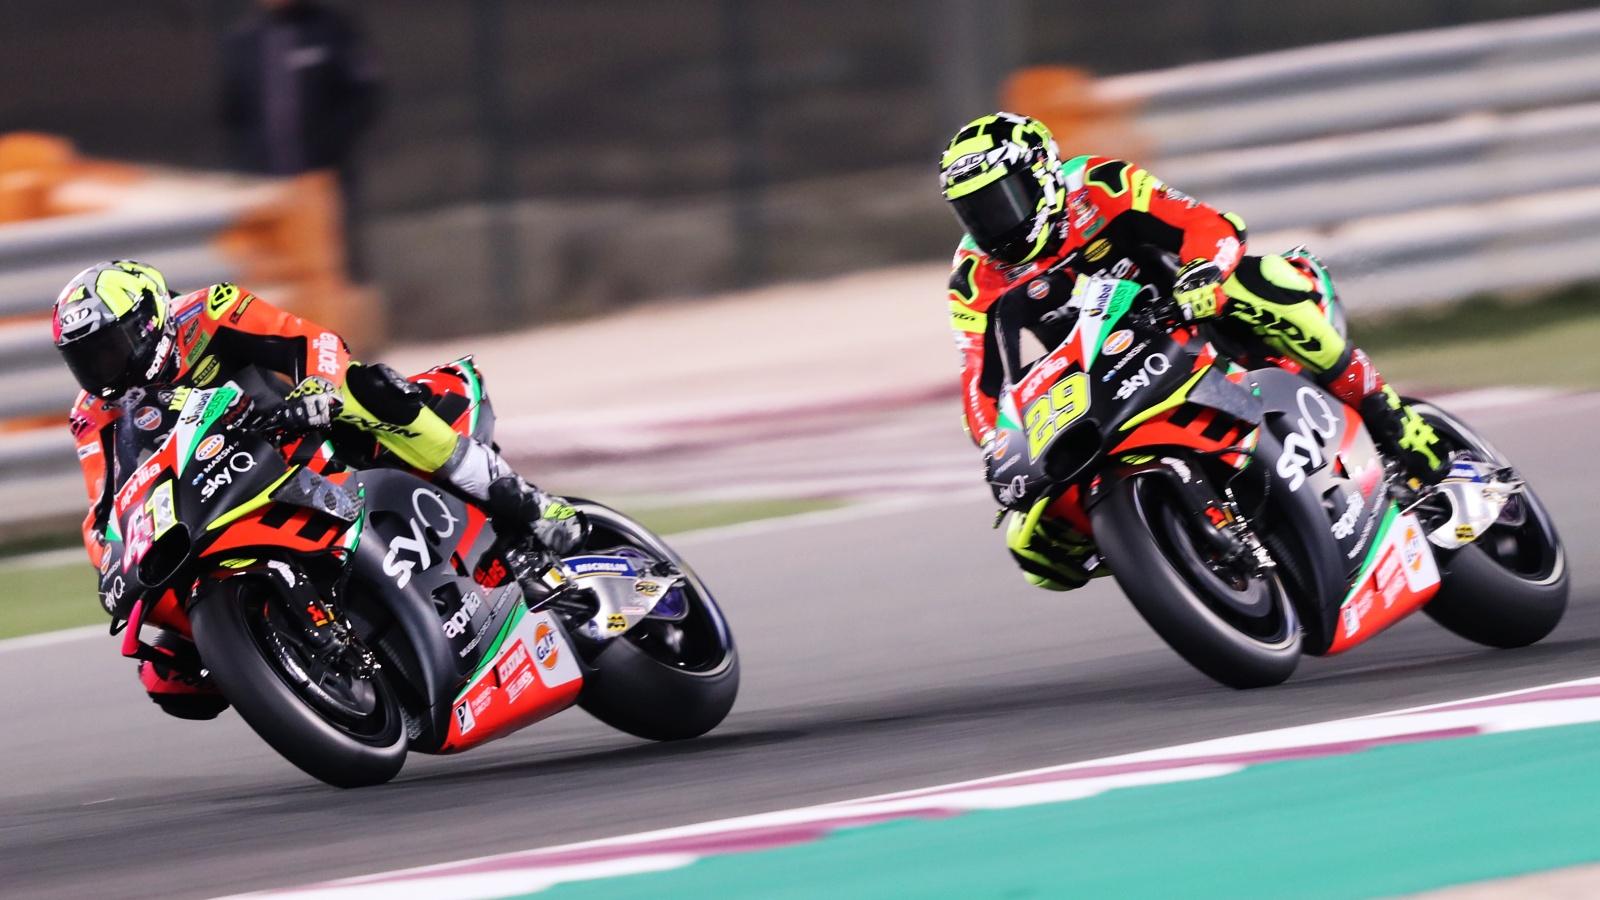 Aprilia cambia de rumbo para MotoGP 2020 y promete una RS-GP revolucionaria